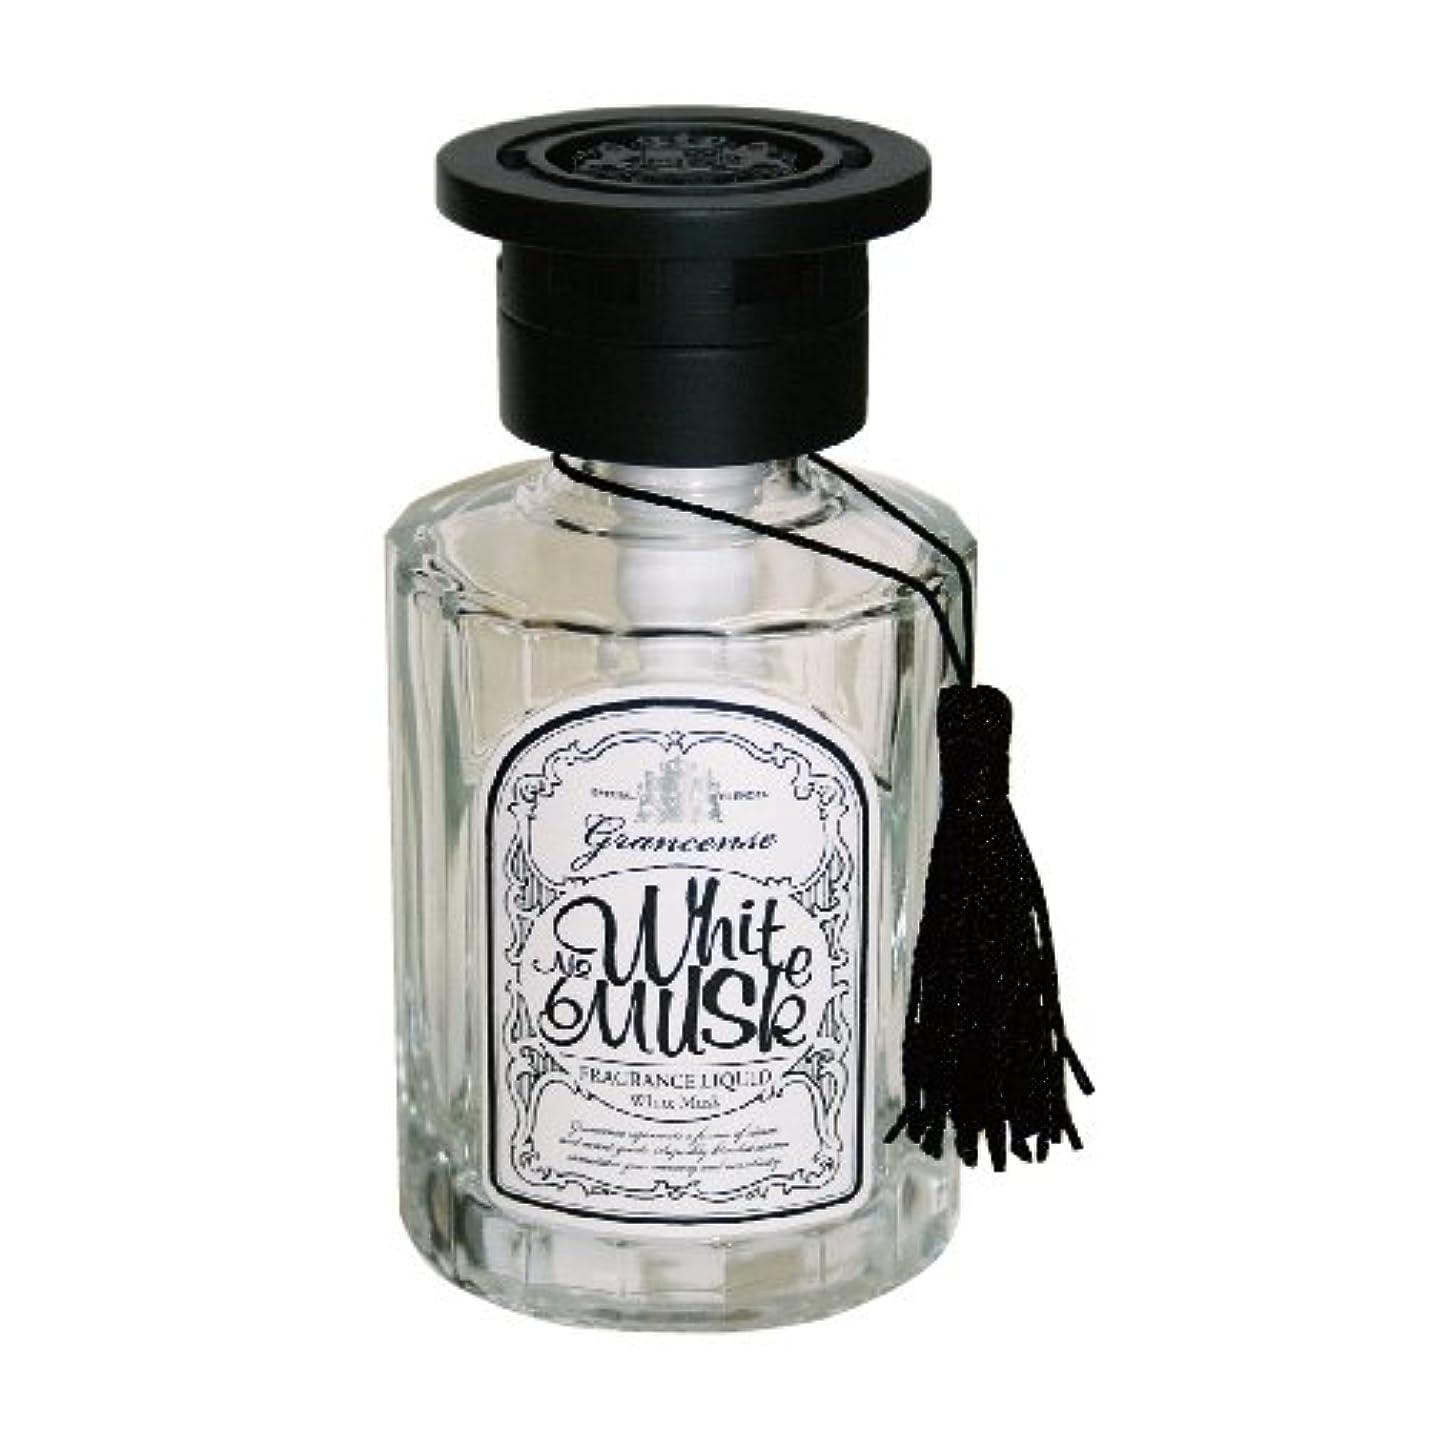 抵抗する中間呼吸グランセンス フレグランスリキッド(約1~1.5ヶ月) ホワイトムスク 120ml(室内用芳香剤 ルームフレグランス タッセル付 ベルガモットとミントの透明感ある香り)